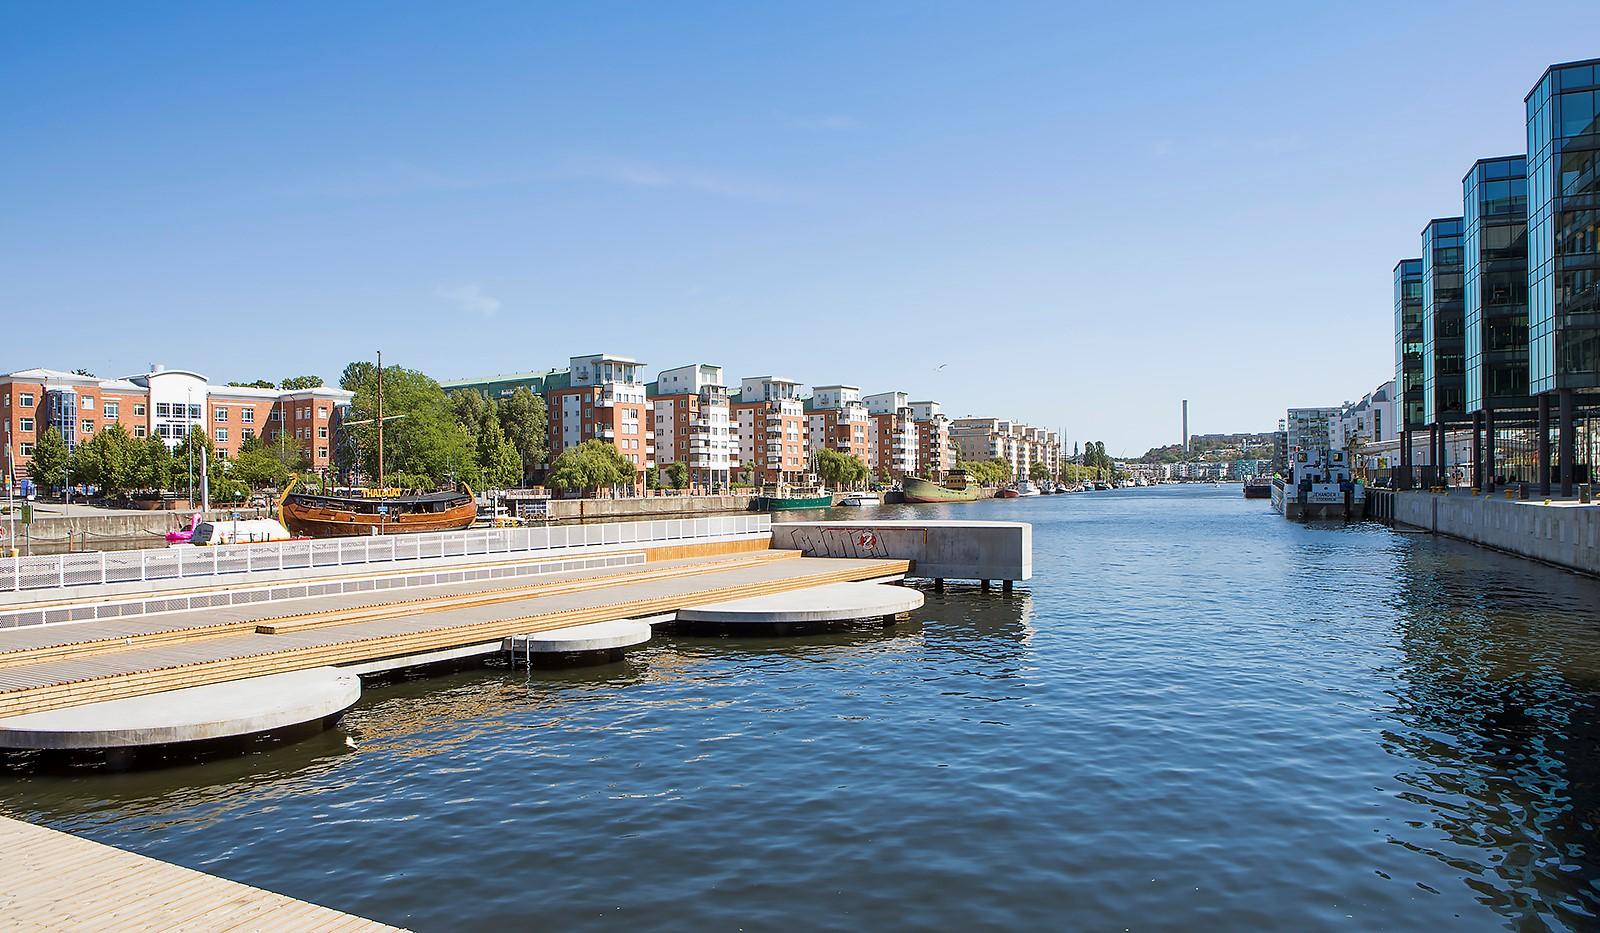 Hammarby Allé 15, vån 5 - Härliga solbryggor precis nedanför gården